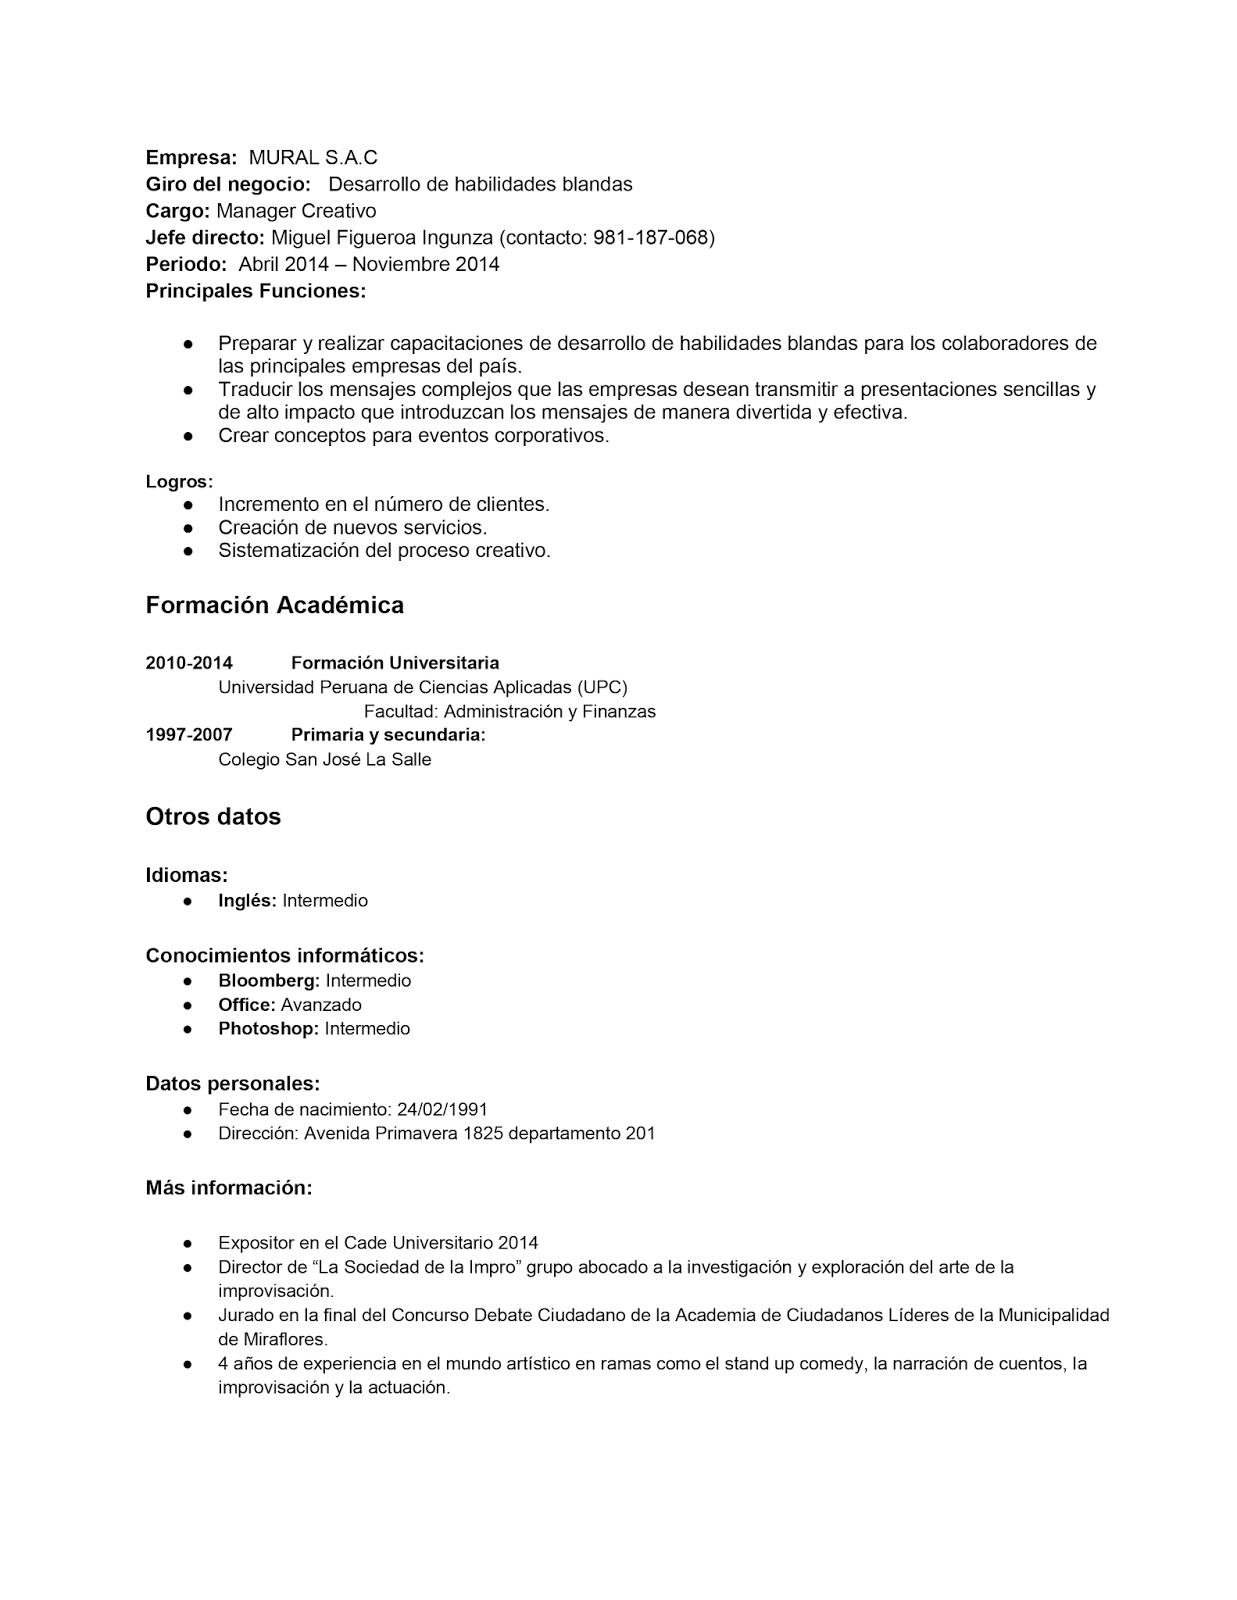 Dorable Habilidades De Administración Reanudar Ejemplos ...